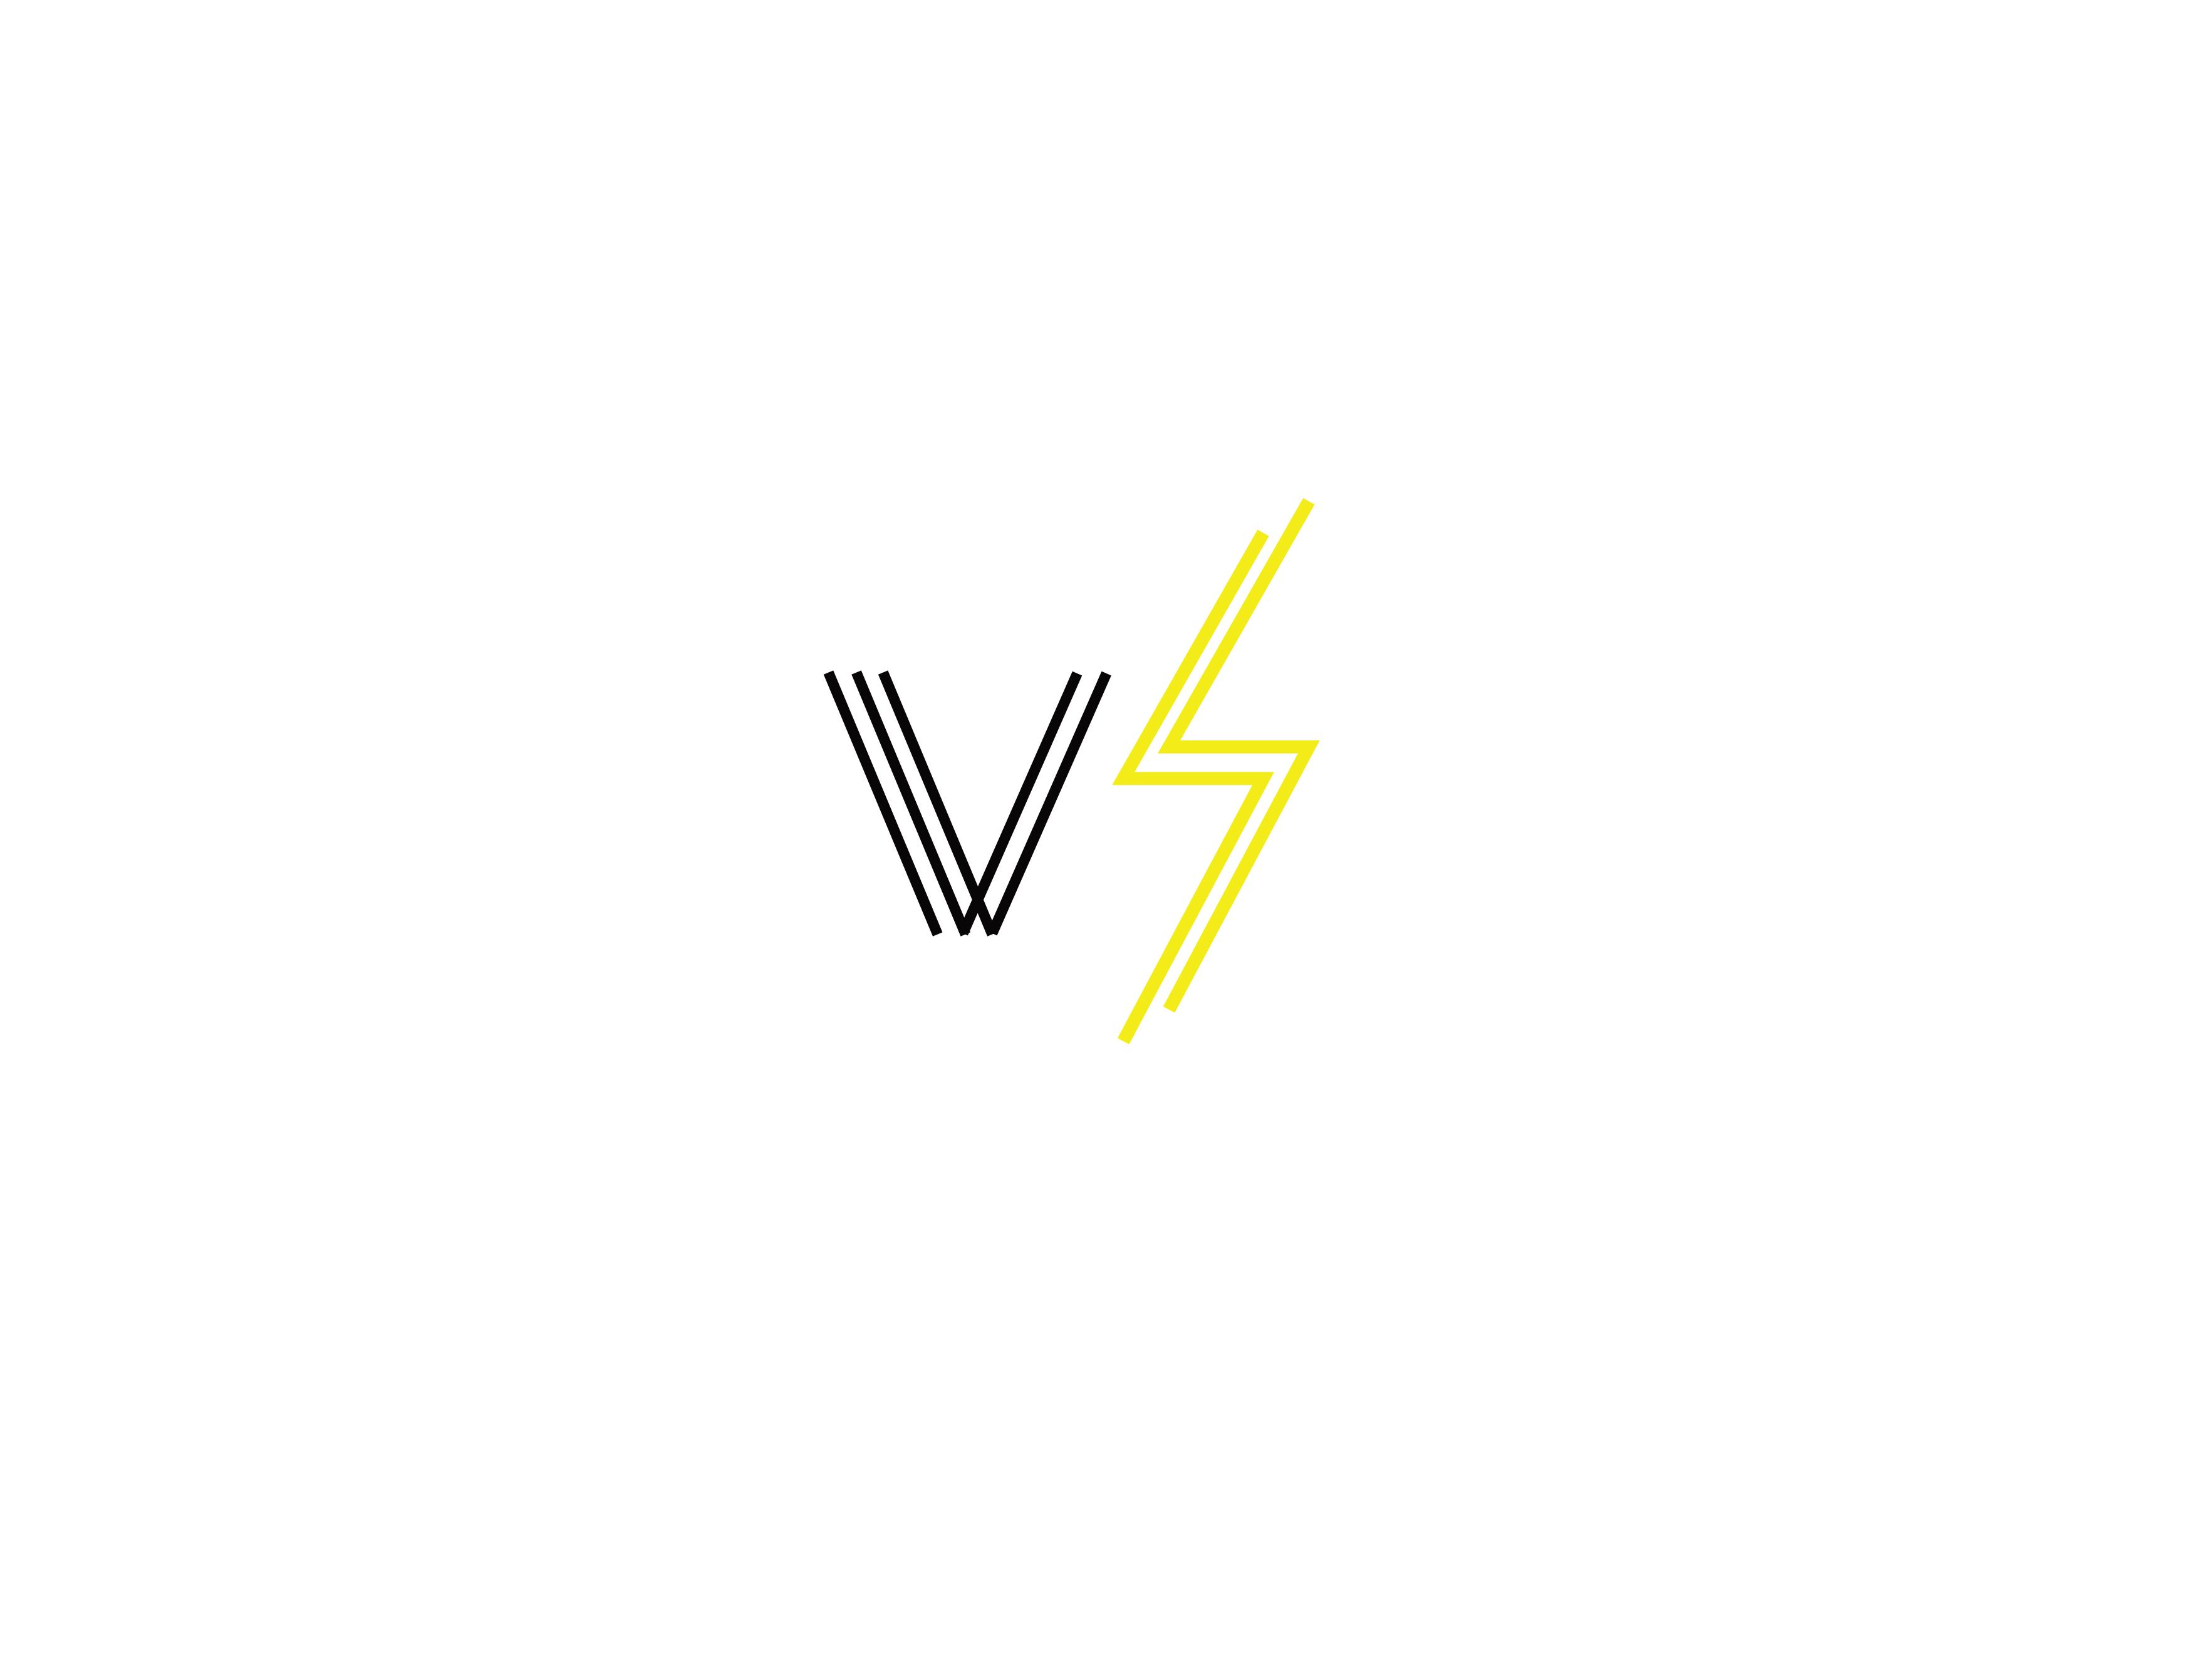 Разработка логотипа и фирменного стиля для такси фото f_8365b9eada11f25f.jpg